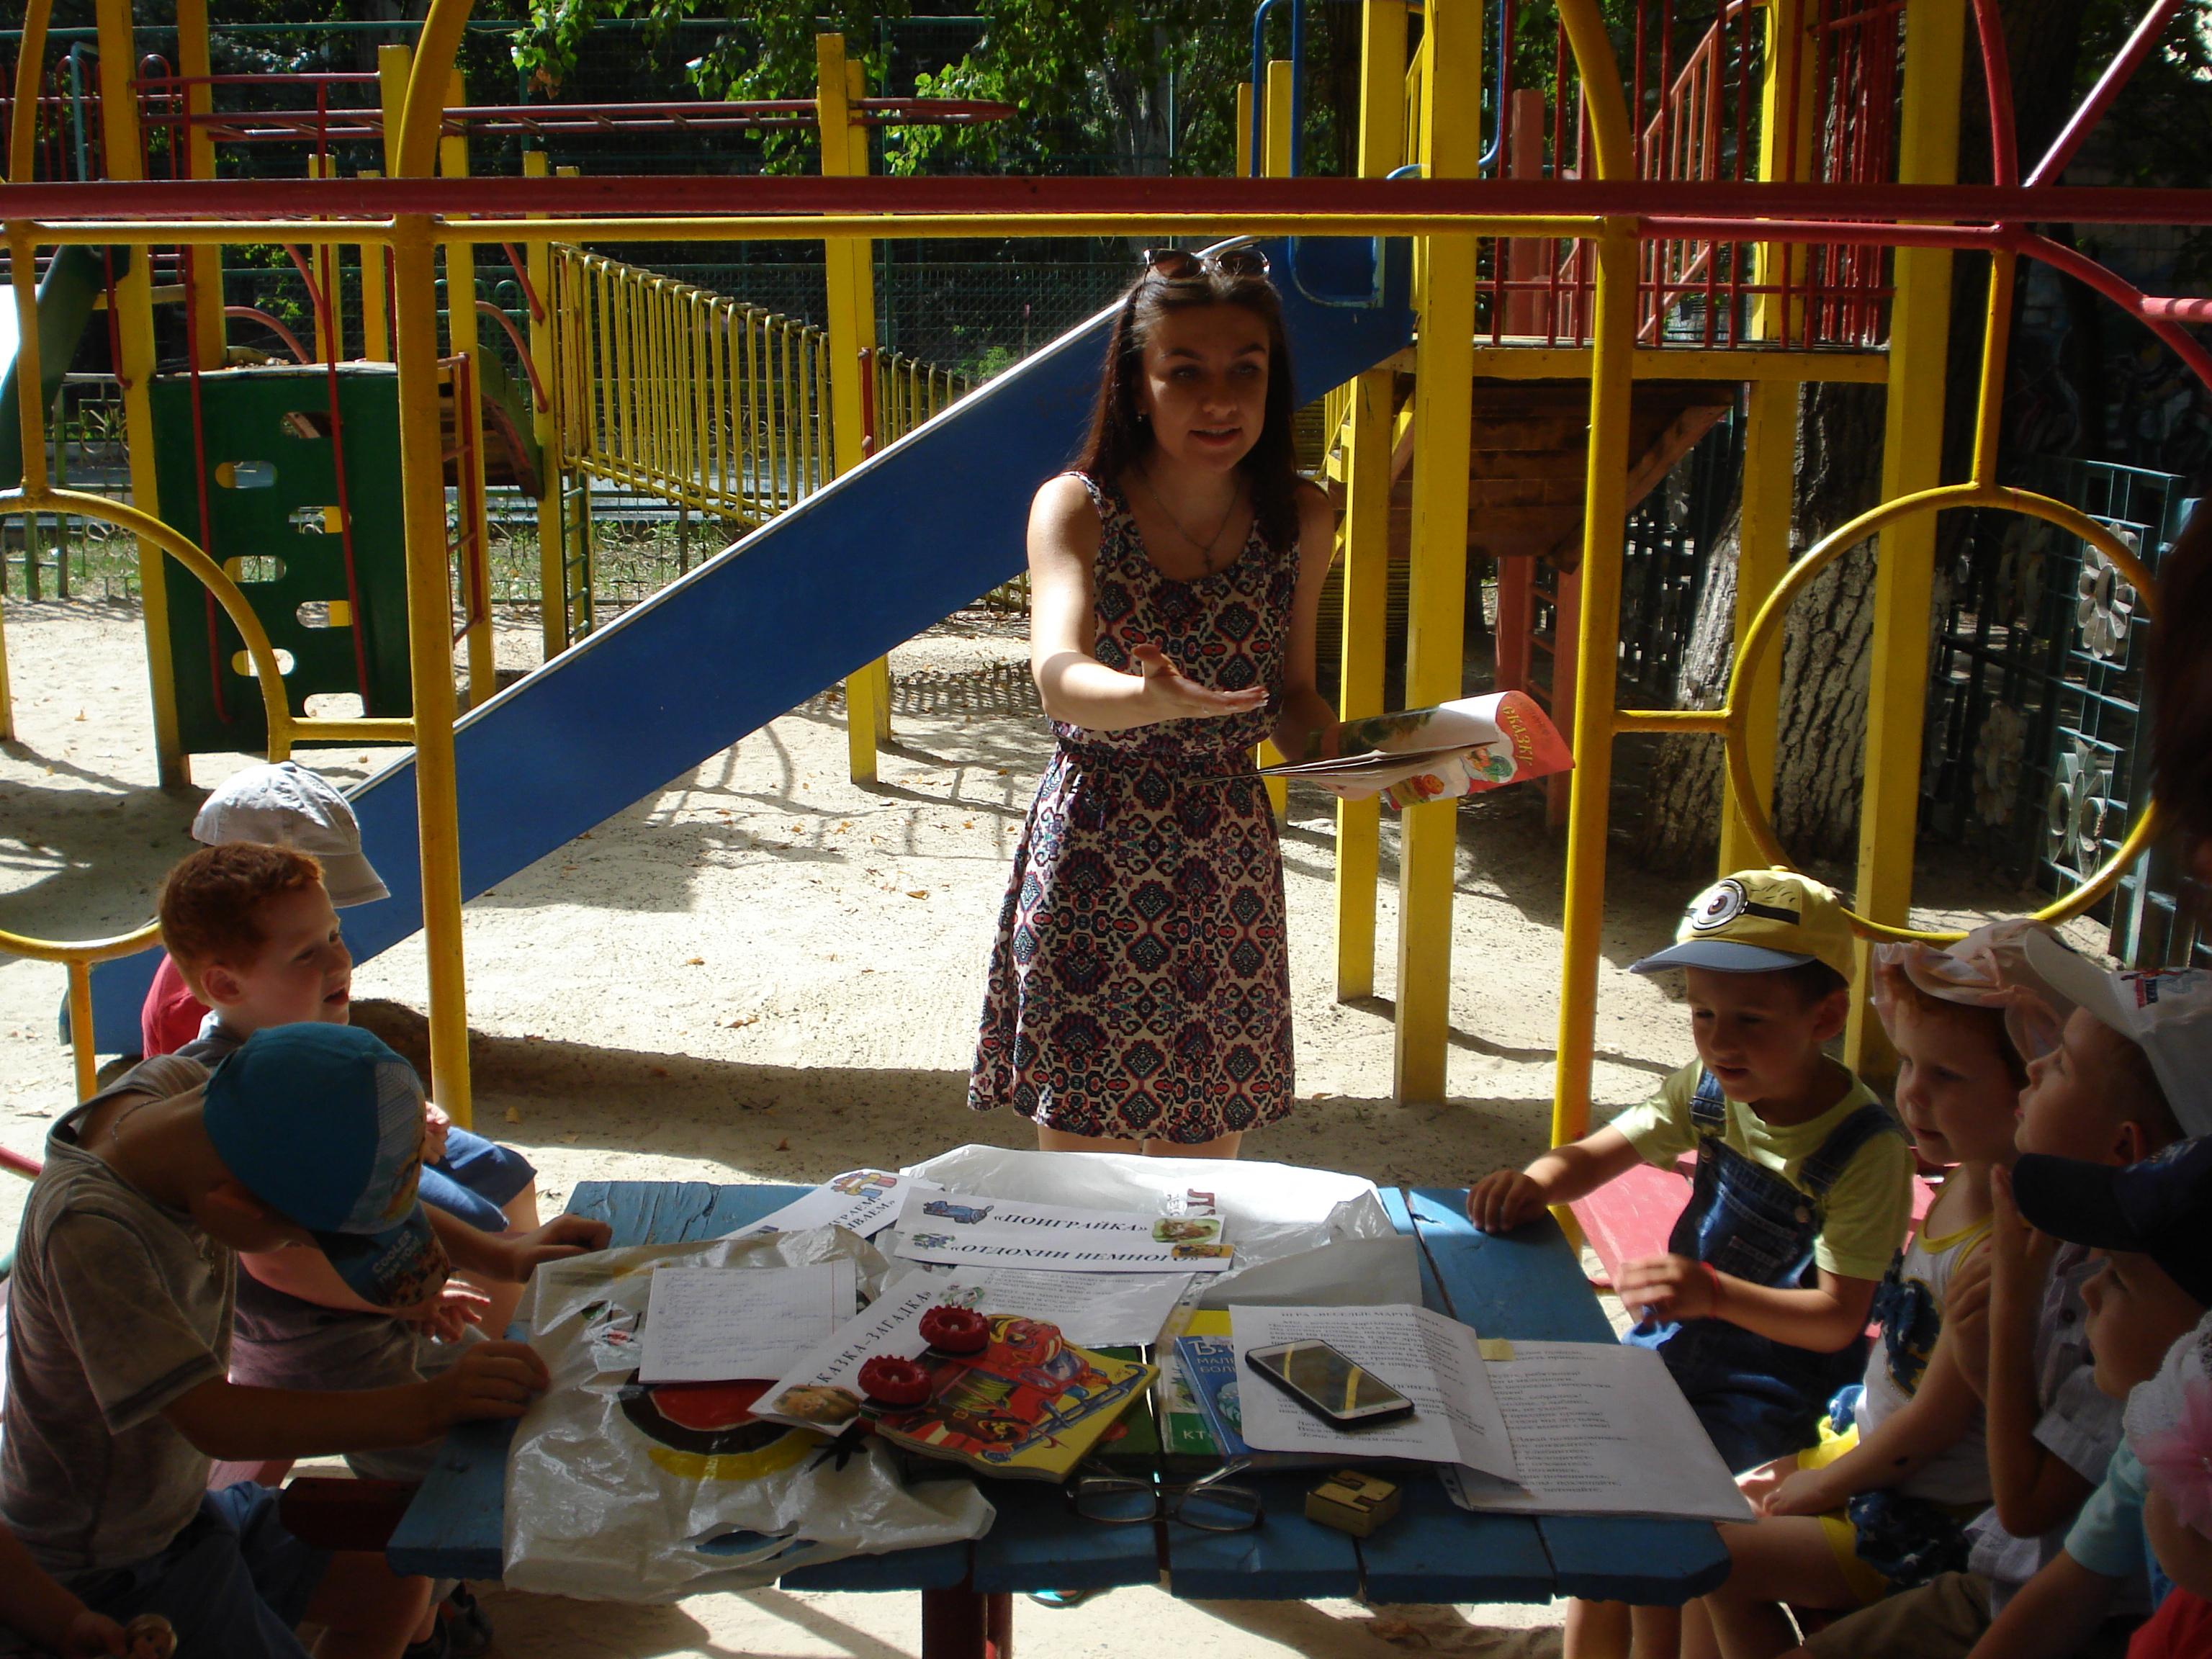 ранним летним утром, донецкая республиканская библиотека для детей, отдел обслуживания дошкольников и учащихся 1-4 классов, занятия с малышами